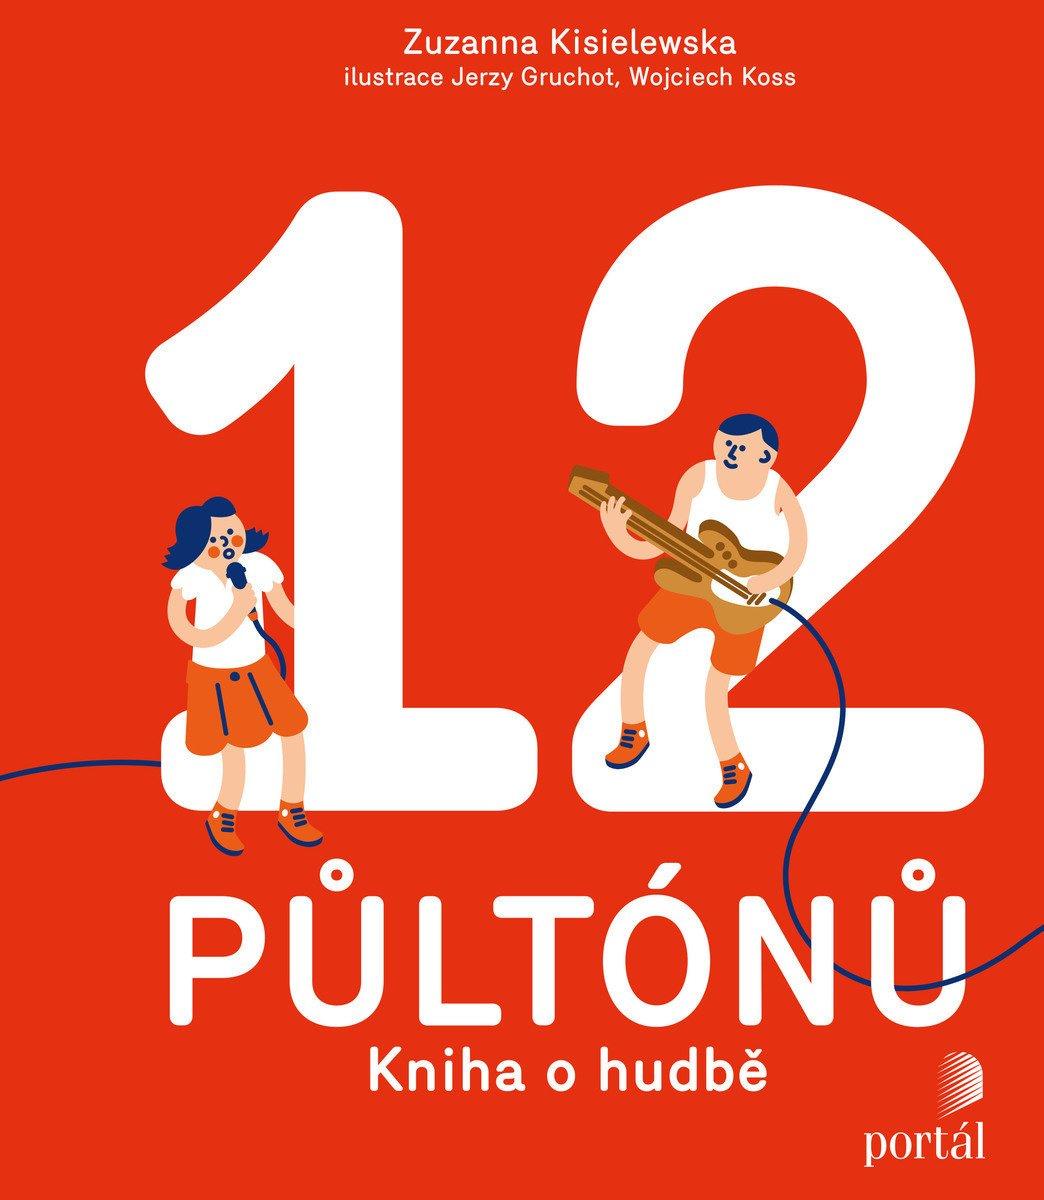 Zuzanna Kisielewska 12 půltónů kniha o hudbě